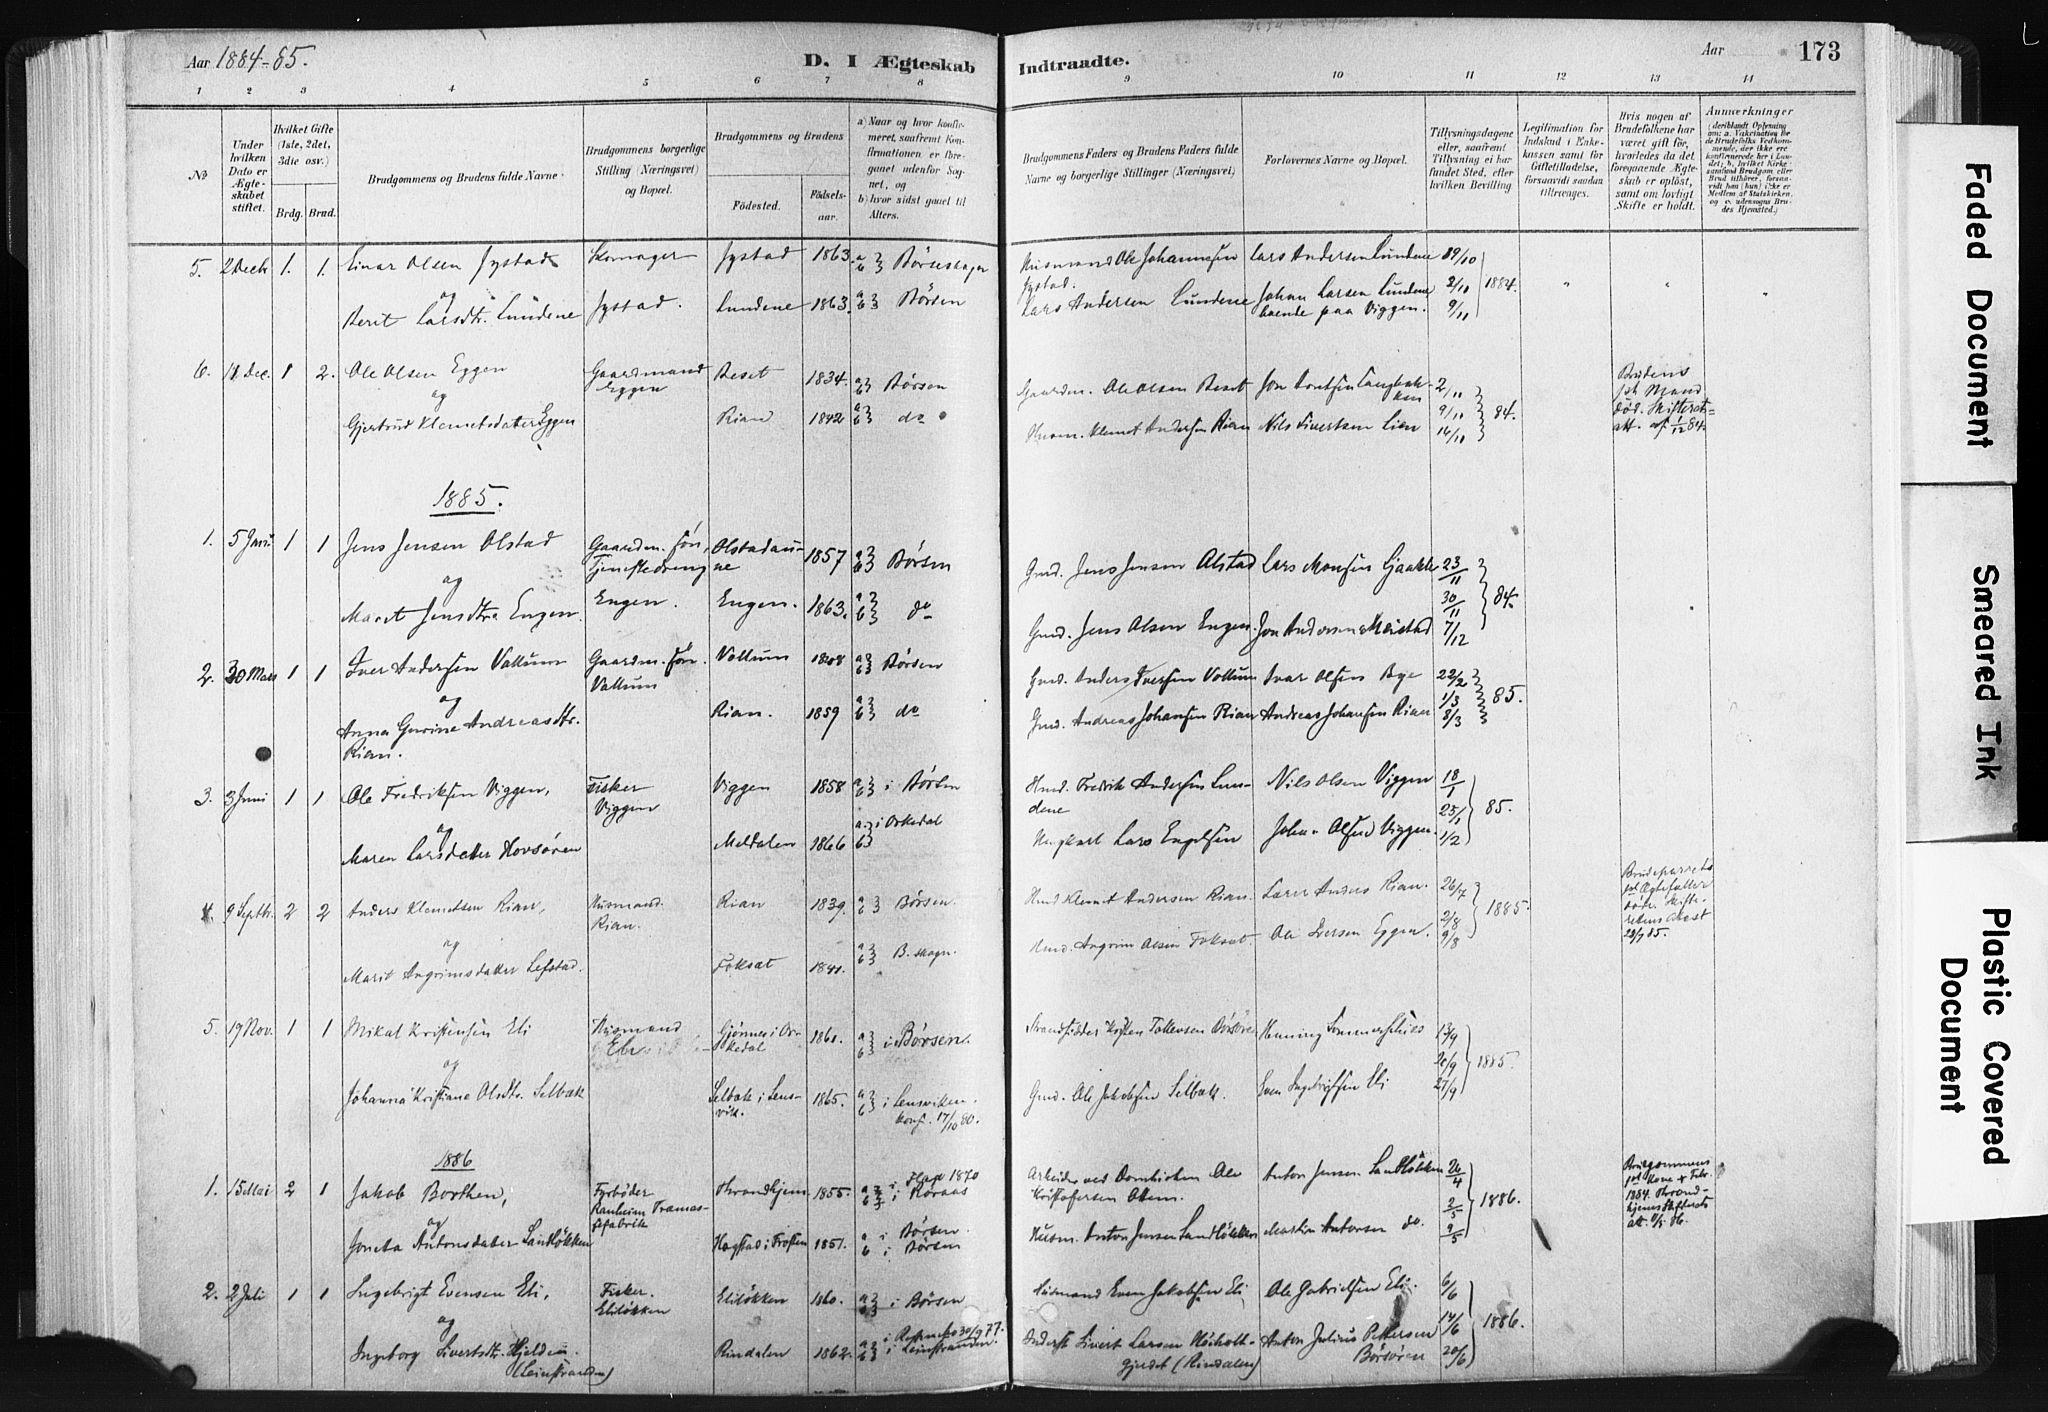 SAT, Ministerialprotokoller, klokkerbøker og fødselsregistre - Sør-Trøndelag, 665/L0773: Ministerialbok nr. 665A08, 1879-1905, s. 173